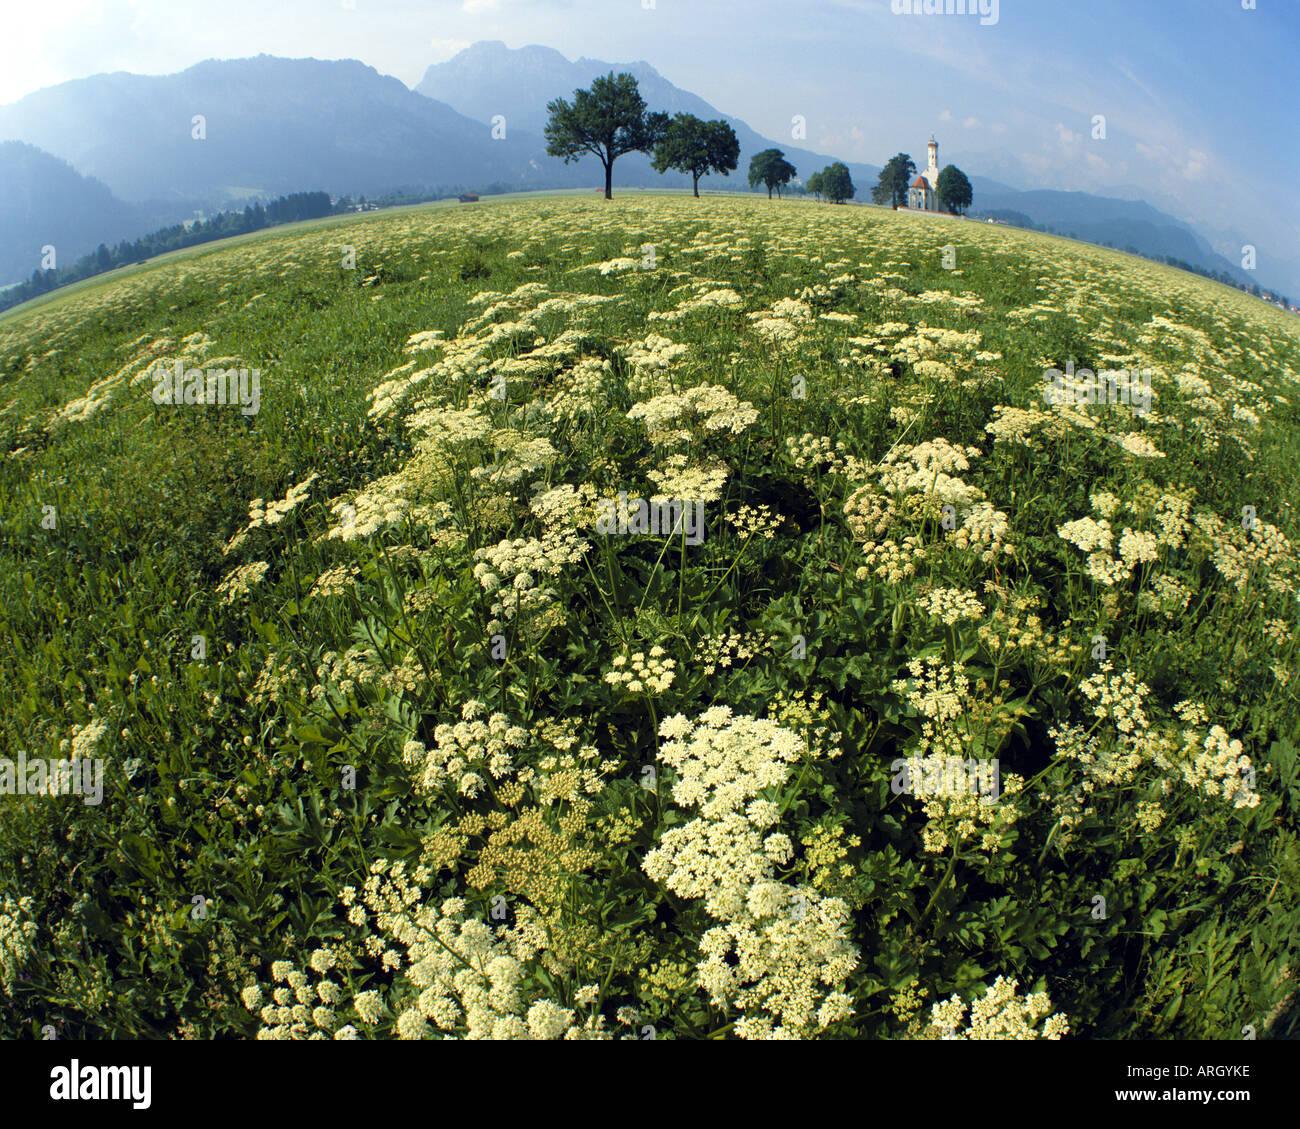 DE - Bayern: St.Coloman in der Nähe von Schwangau im Allgäu Stockbild